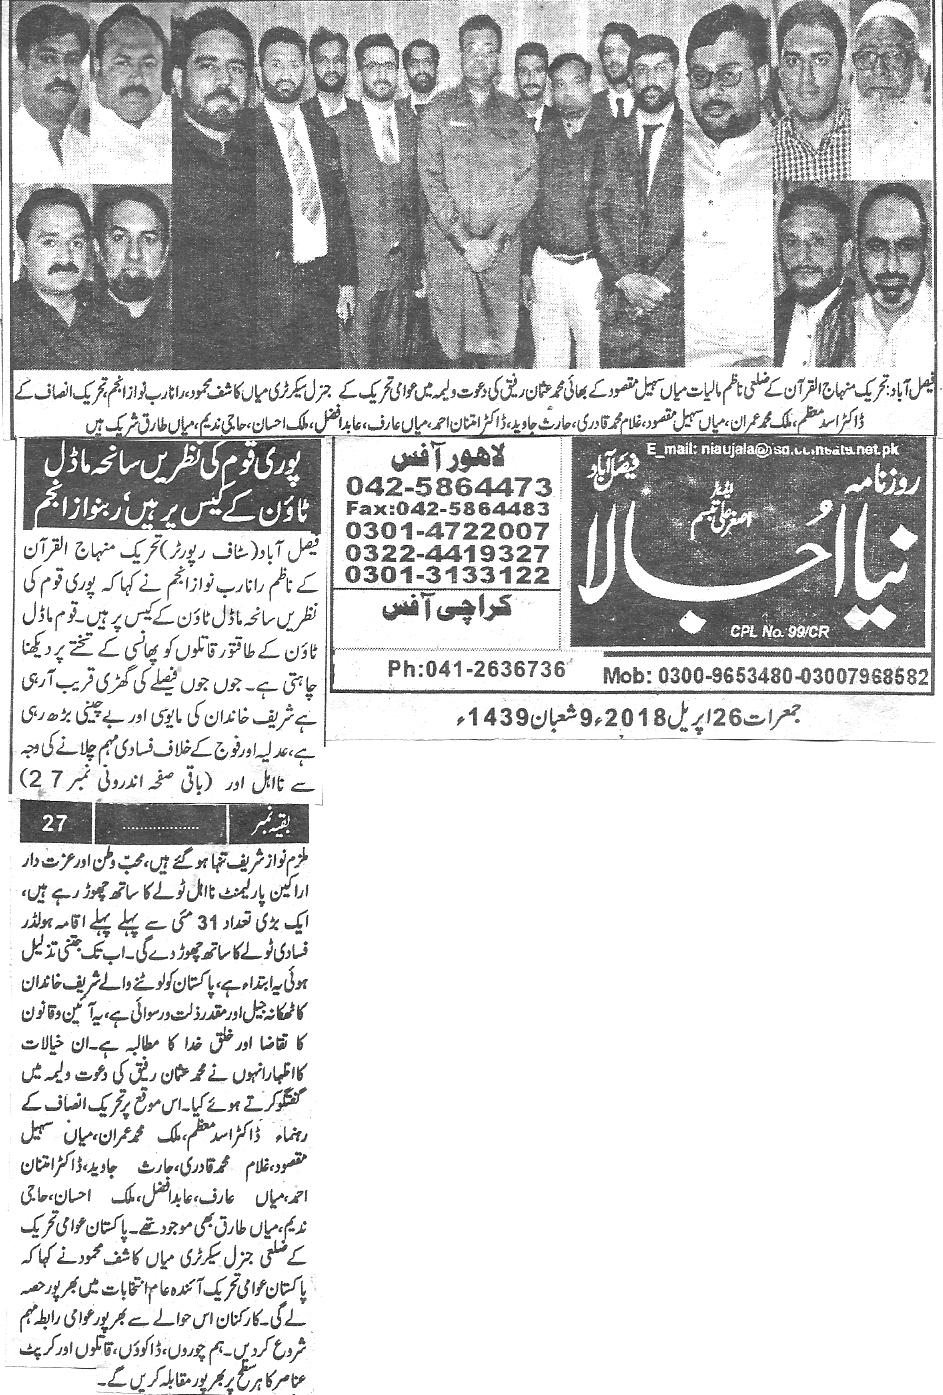 تحریک منہاج القرآن Minhaj-ul-Quran  Print Media Coverage پرنٹ میڈیا کوریج Daily Naya ujala page 4